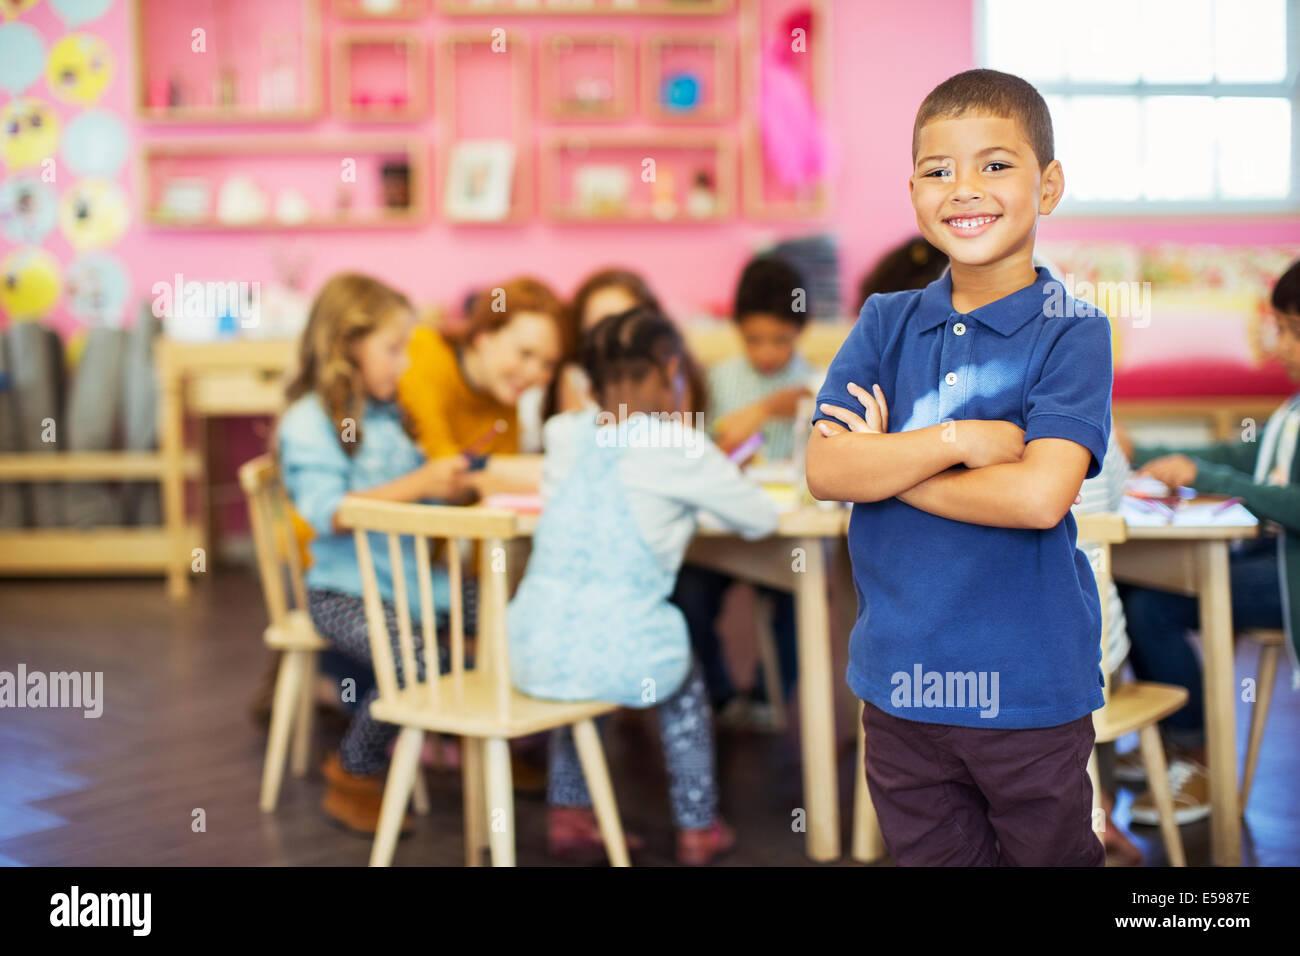 Estudiante sonriendo en el aula Imagen De Stock